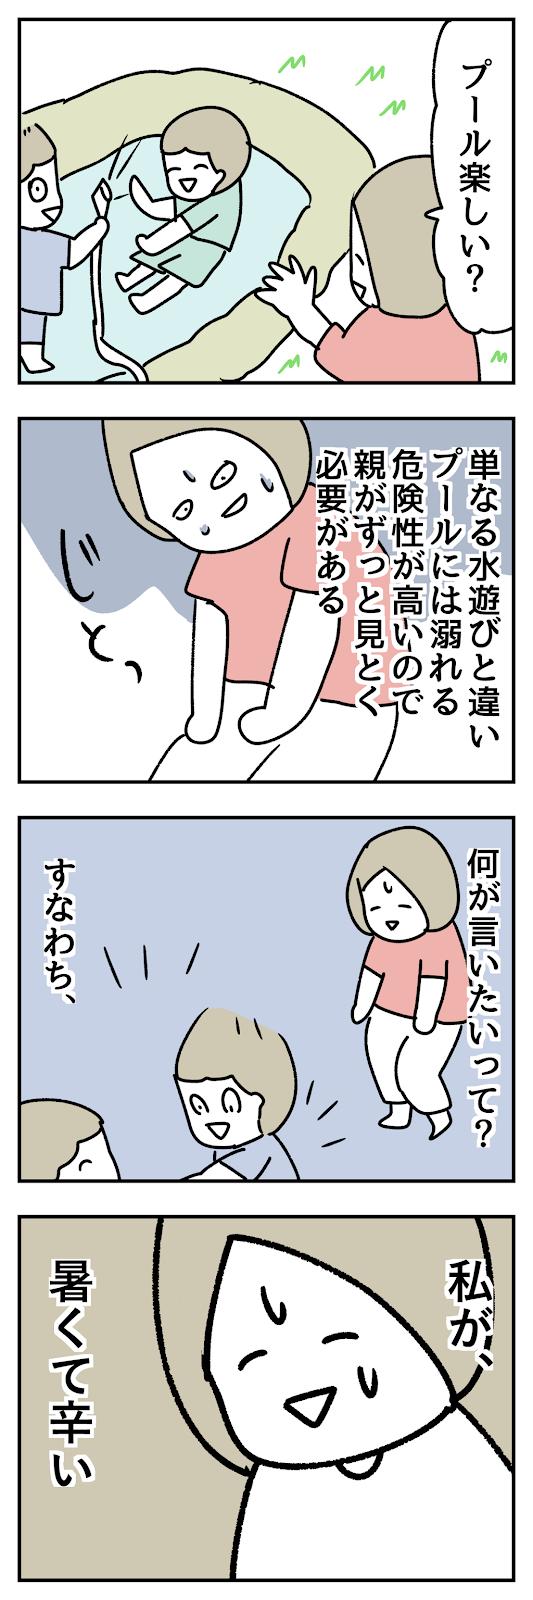 乳幼児のプールは親が見ておく必要があるので親が暑くて辛い4コマ漫画